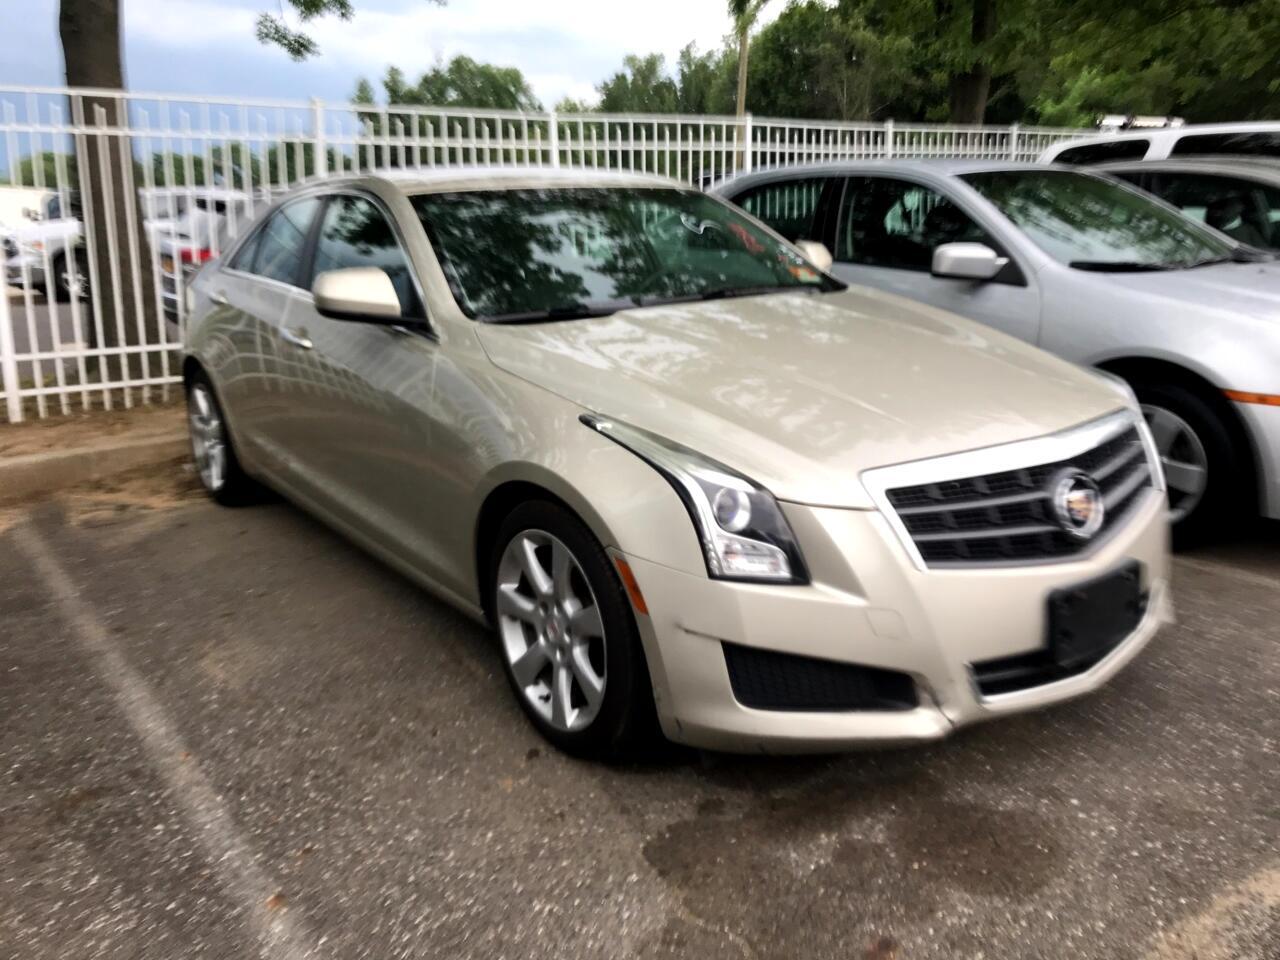 Cadillac ATS 4dr Sdn 2.0L RWD 2013